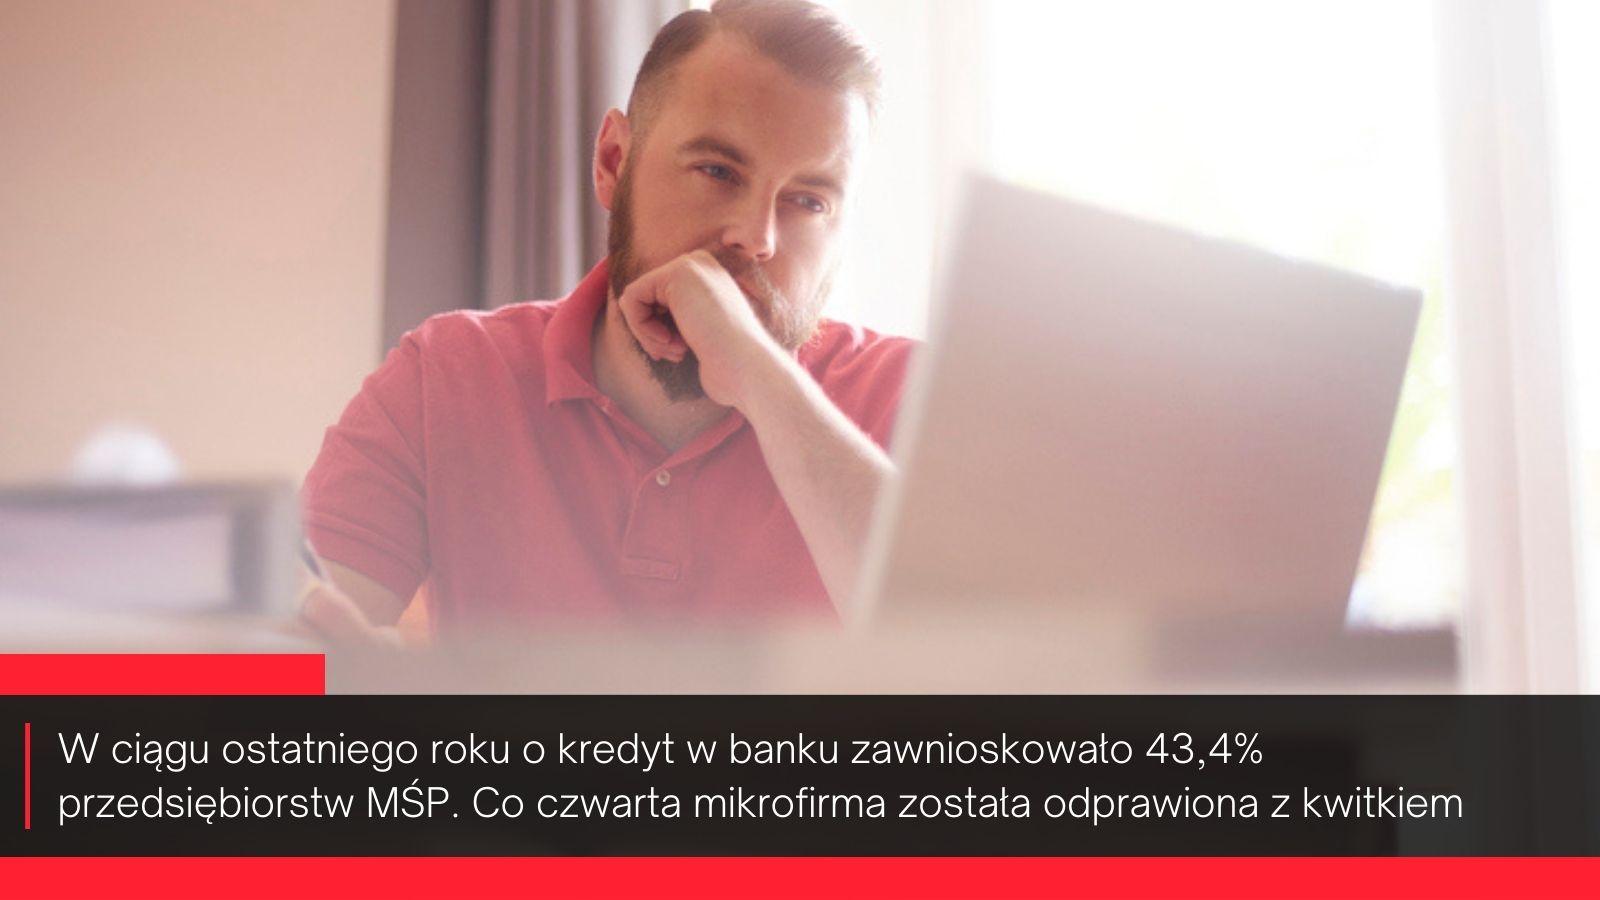 W ciągu ostatniego roku o kredyt w banku zawnioskowało 43,4 proc. przedsiębiorstw MŚP (fot. mat. pras.)